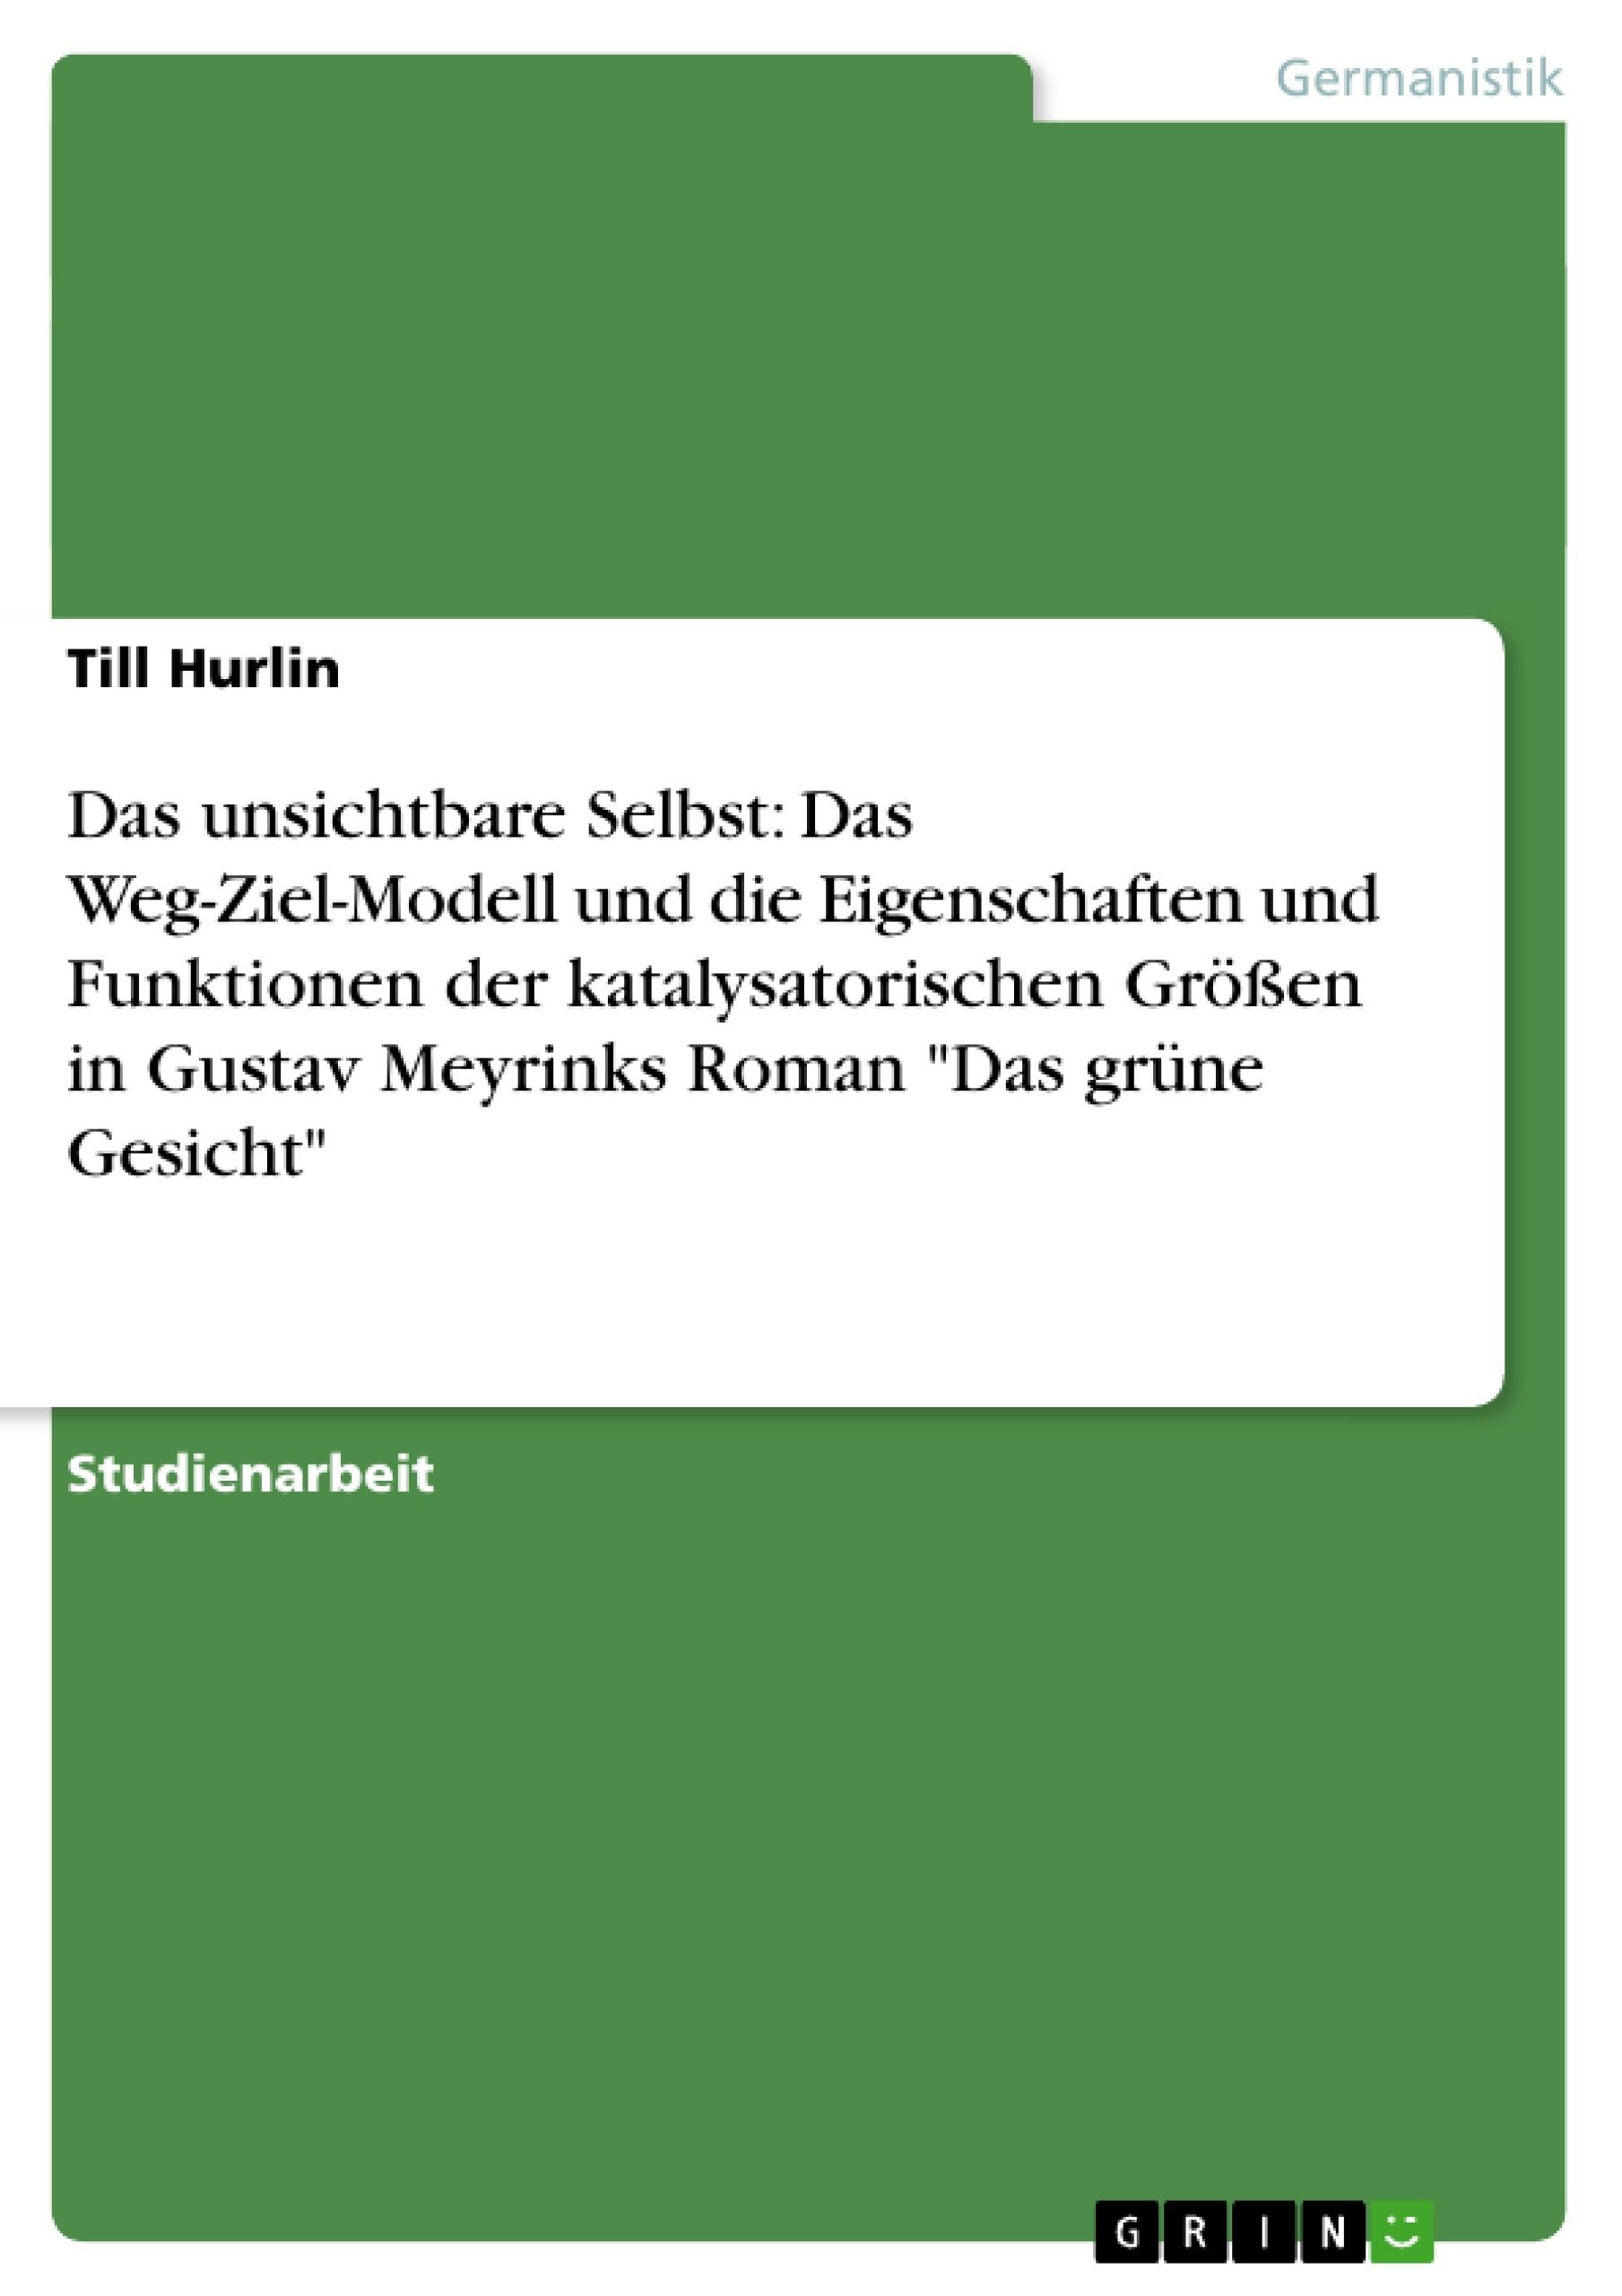 """Titel: Das unsichtbare Selbst: Das Weg-Ziel-Modell und die Eigenschaften und Funktionen der katalysatorischen Größen in Gustav Meyrinks Roman """"Das grüne Gesicht"""""""